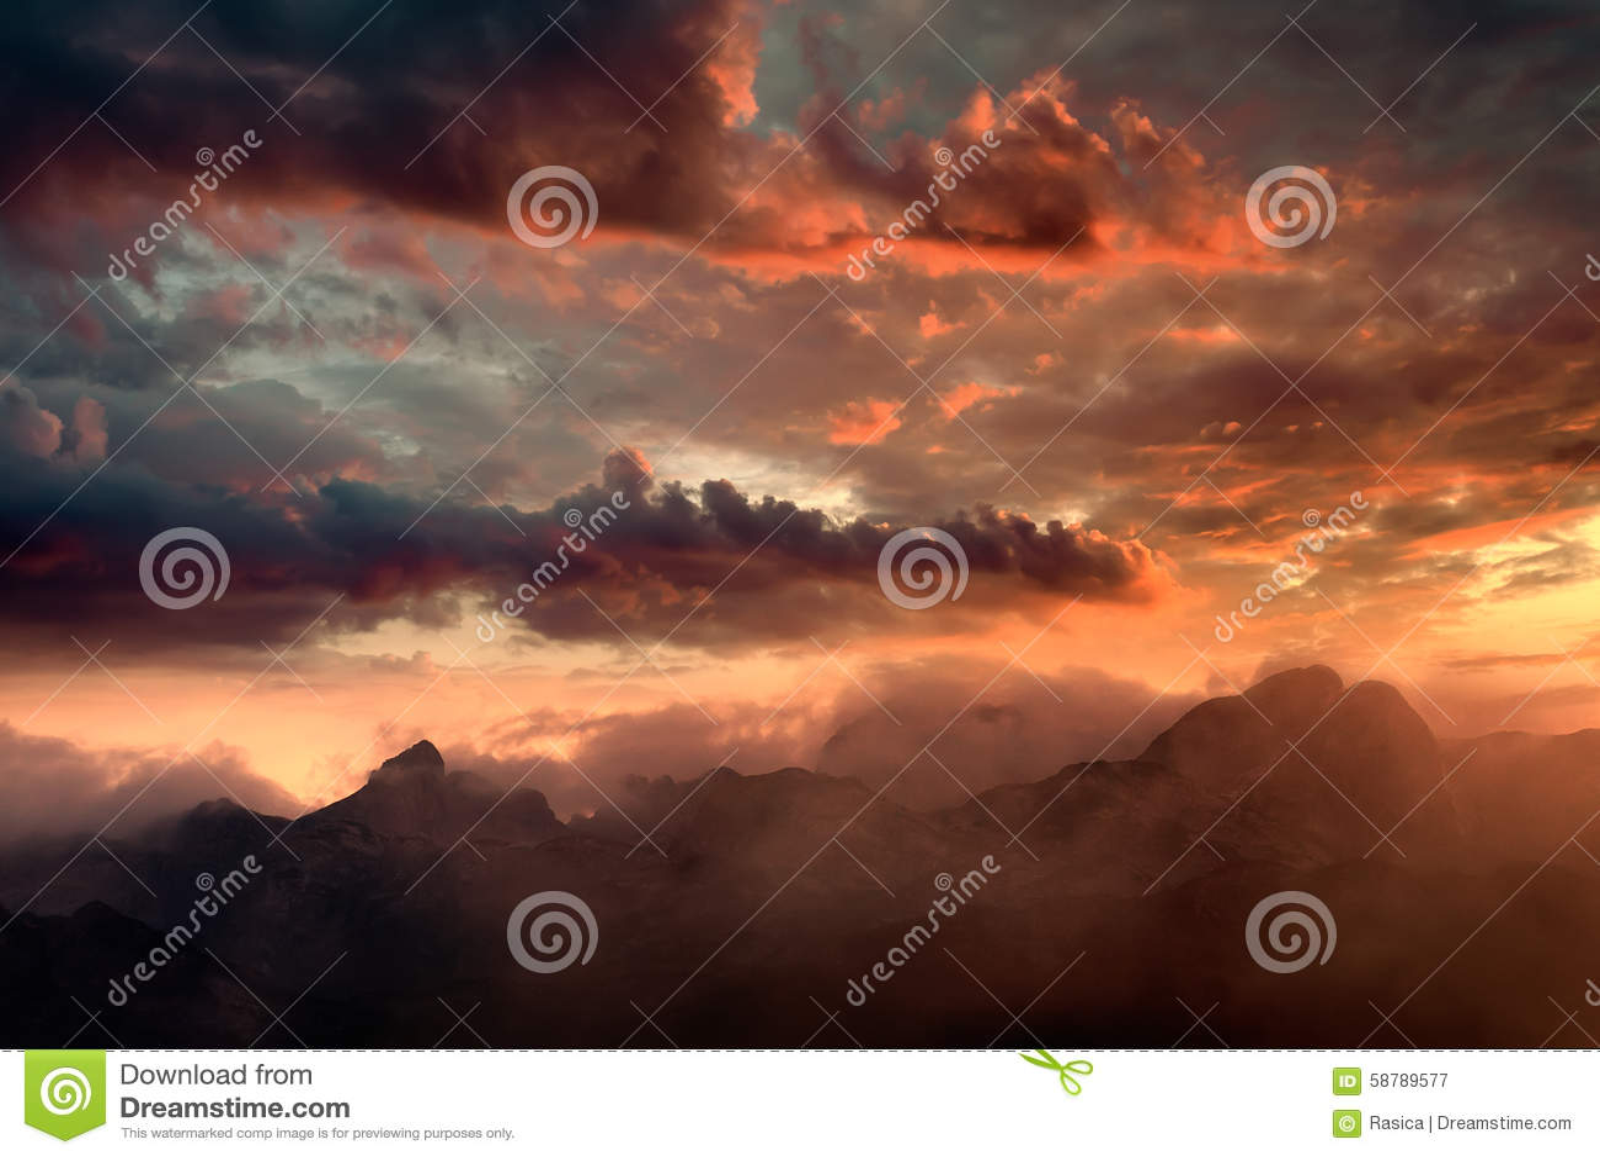 Пламенистый заход солнца и мглистые горные пики